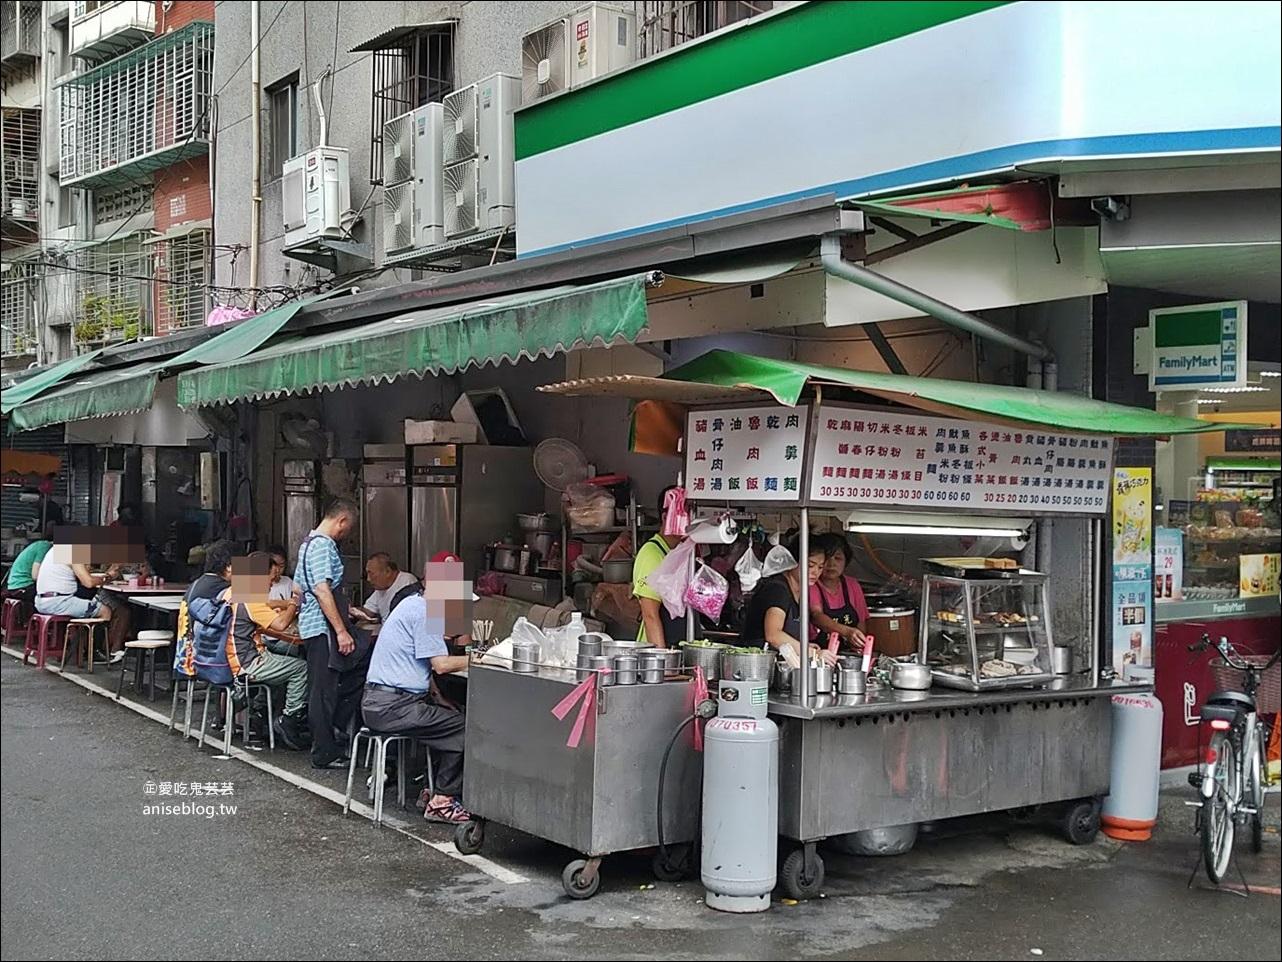 板橋莒光路無名米粉湯、無名麵攤黑白切,在地人台式早午餐排隊店,新埔站美食(姊姊食記)